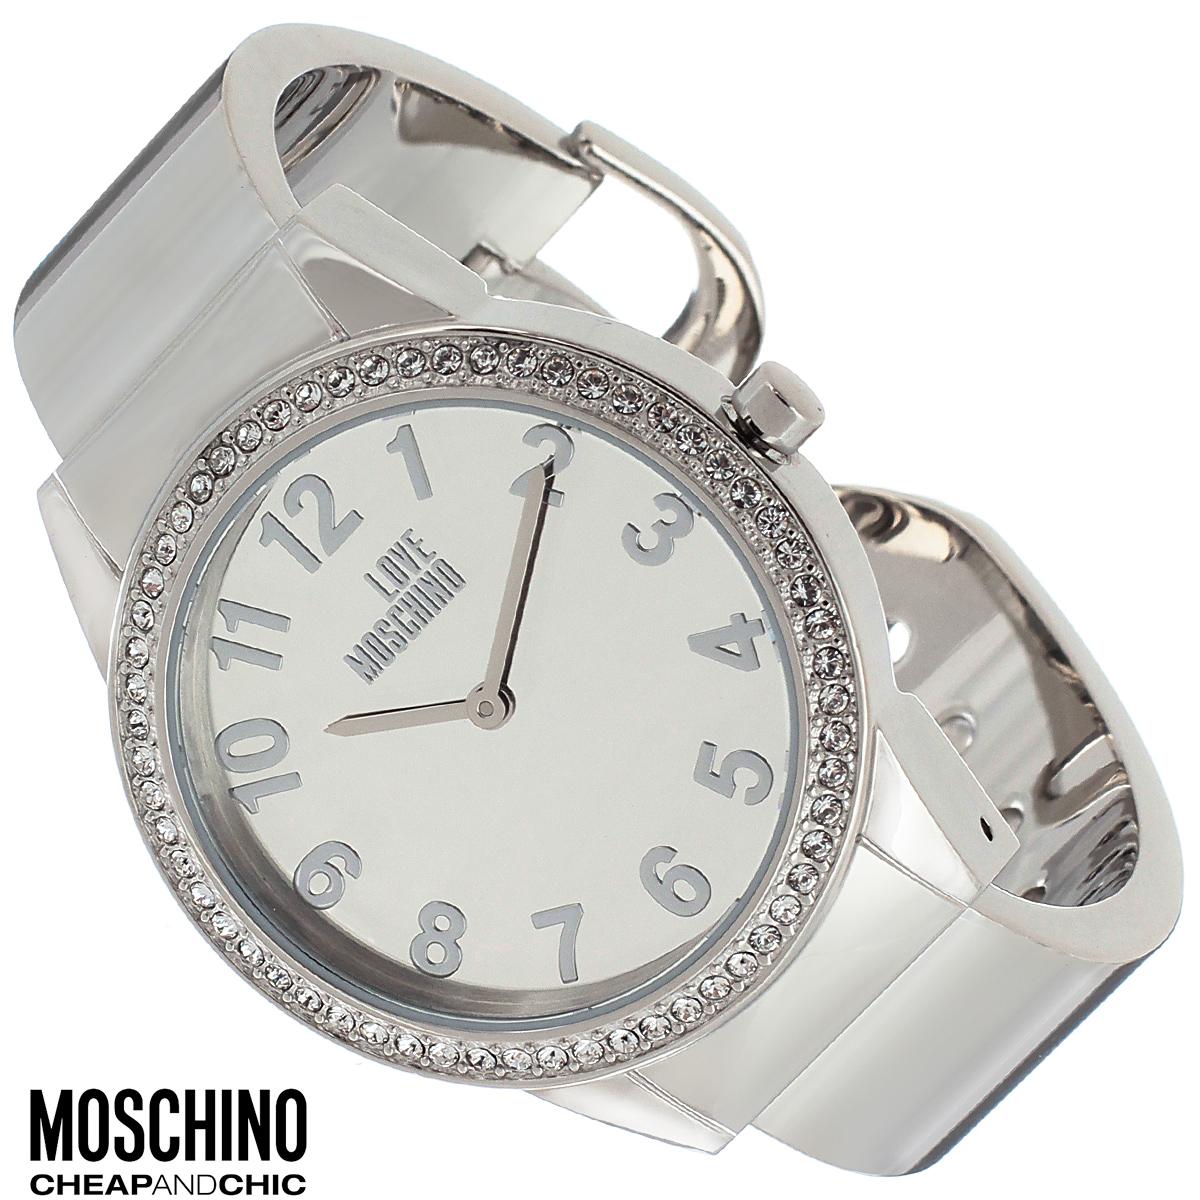 Часы женские наручные Moschino, цвет: серебристый. MW0440MW0440Наручные часы от известного итальянского бренда Moschino - это не только стильный и функциональный аксессуар, но и современные технологи, сочетающиеся с экстравагантным дизайном и индивидуальностью. Часы Moschino оснащены кварцевым механизмом. Корпус выполнен из высококачественной нержавеющей стали и по контуру циферблата оформлен стразами. Циферблат оформлен арабскими цифрами, надписью Love Moschino и защищен минеральным стеклом. Часы имеют две стрелки - часовую и минутную. Браслет часов выполнен из нержавеющей стали и имеет разъемную конструкцию. Часы упакованы в фирменную металлическую коробку с логотипом бренда. Часы Moschino благодаря своему уникальному дизайну отличаются от часов других марок своеобразными циферблатами, функциональностью, а также набором уникальных технических свойств. Каждой модели присуща легкая экстравагантность, самобытность и, безусловно, великолепный вкус. Характеристики: Диаметр циферблата: 3 см....